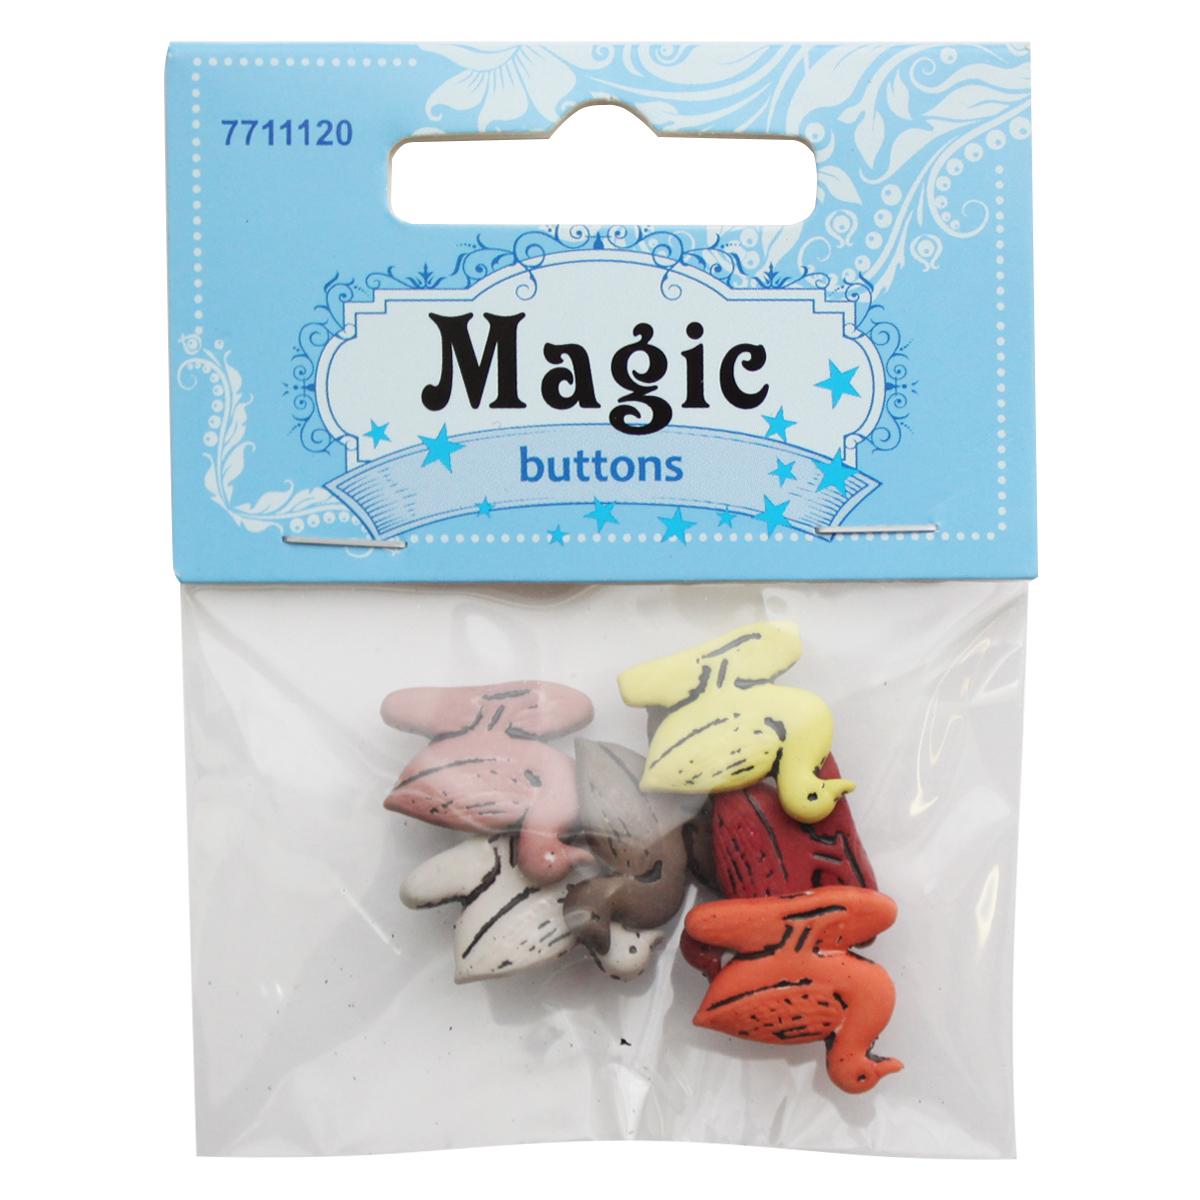 Пуговицы декоративные Magic Buttons Утки, 6 шт7711120Яркие пуговицы бренда Magic Buttons восхищают разнообразием стилей и цветов. Они станут отличным дополнением в качестве завершающего штриха на одежде, кроме того их можно использовать в скрапбуинге, создавать с помощью них интересные открытки, подарочные конверты и многое, многое другое.